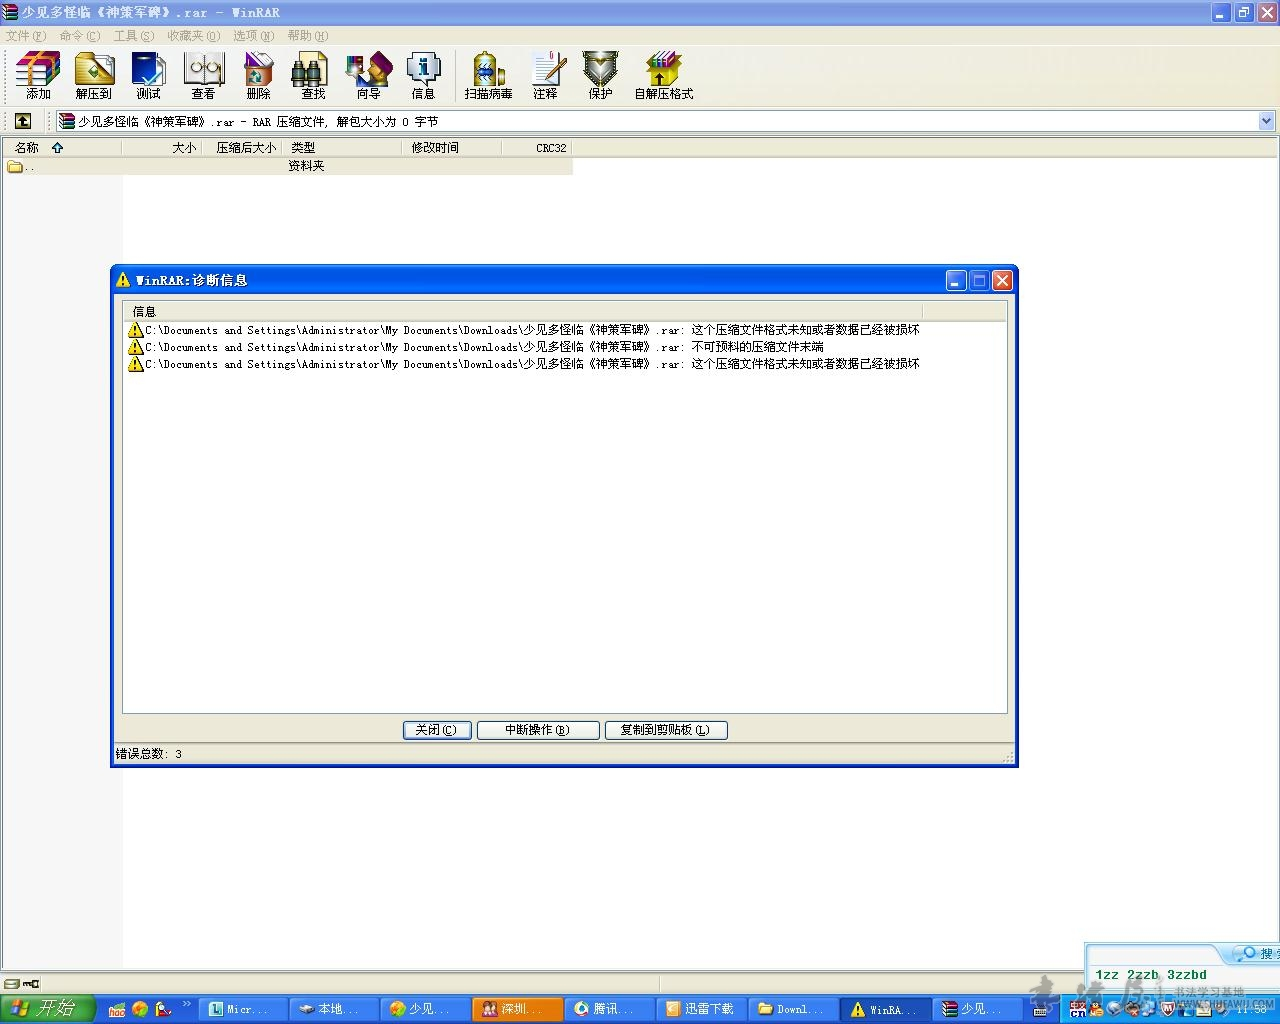 极速一键重装系统之下载压缩文件时没有下载窗口怎么办